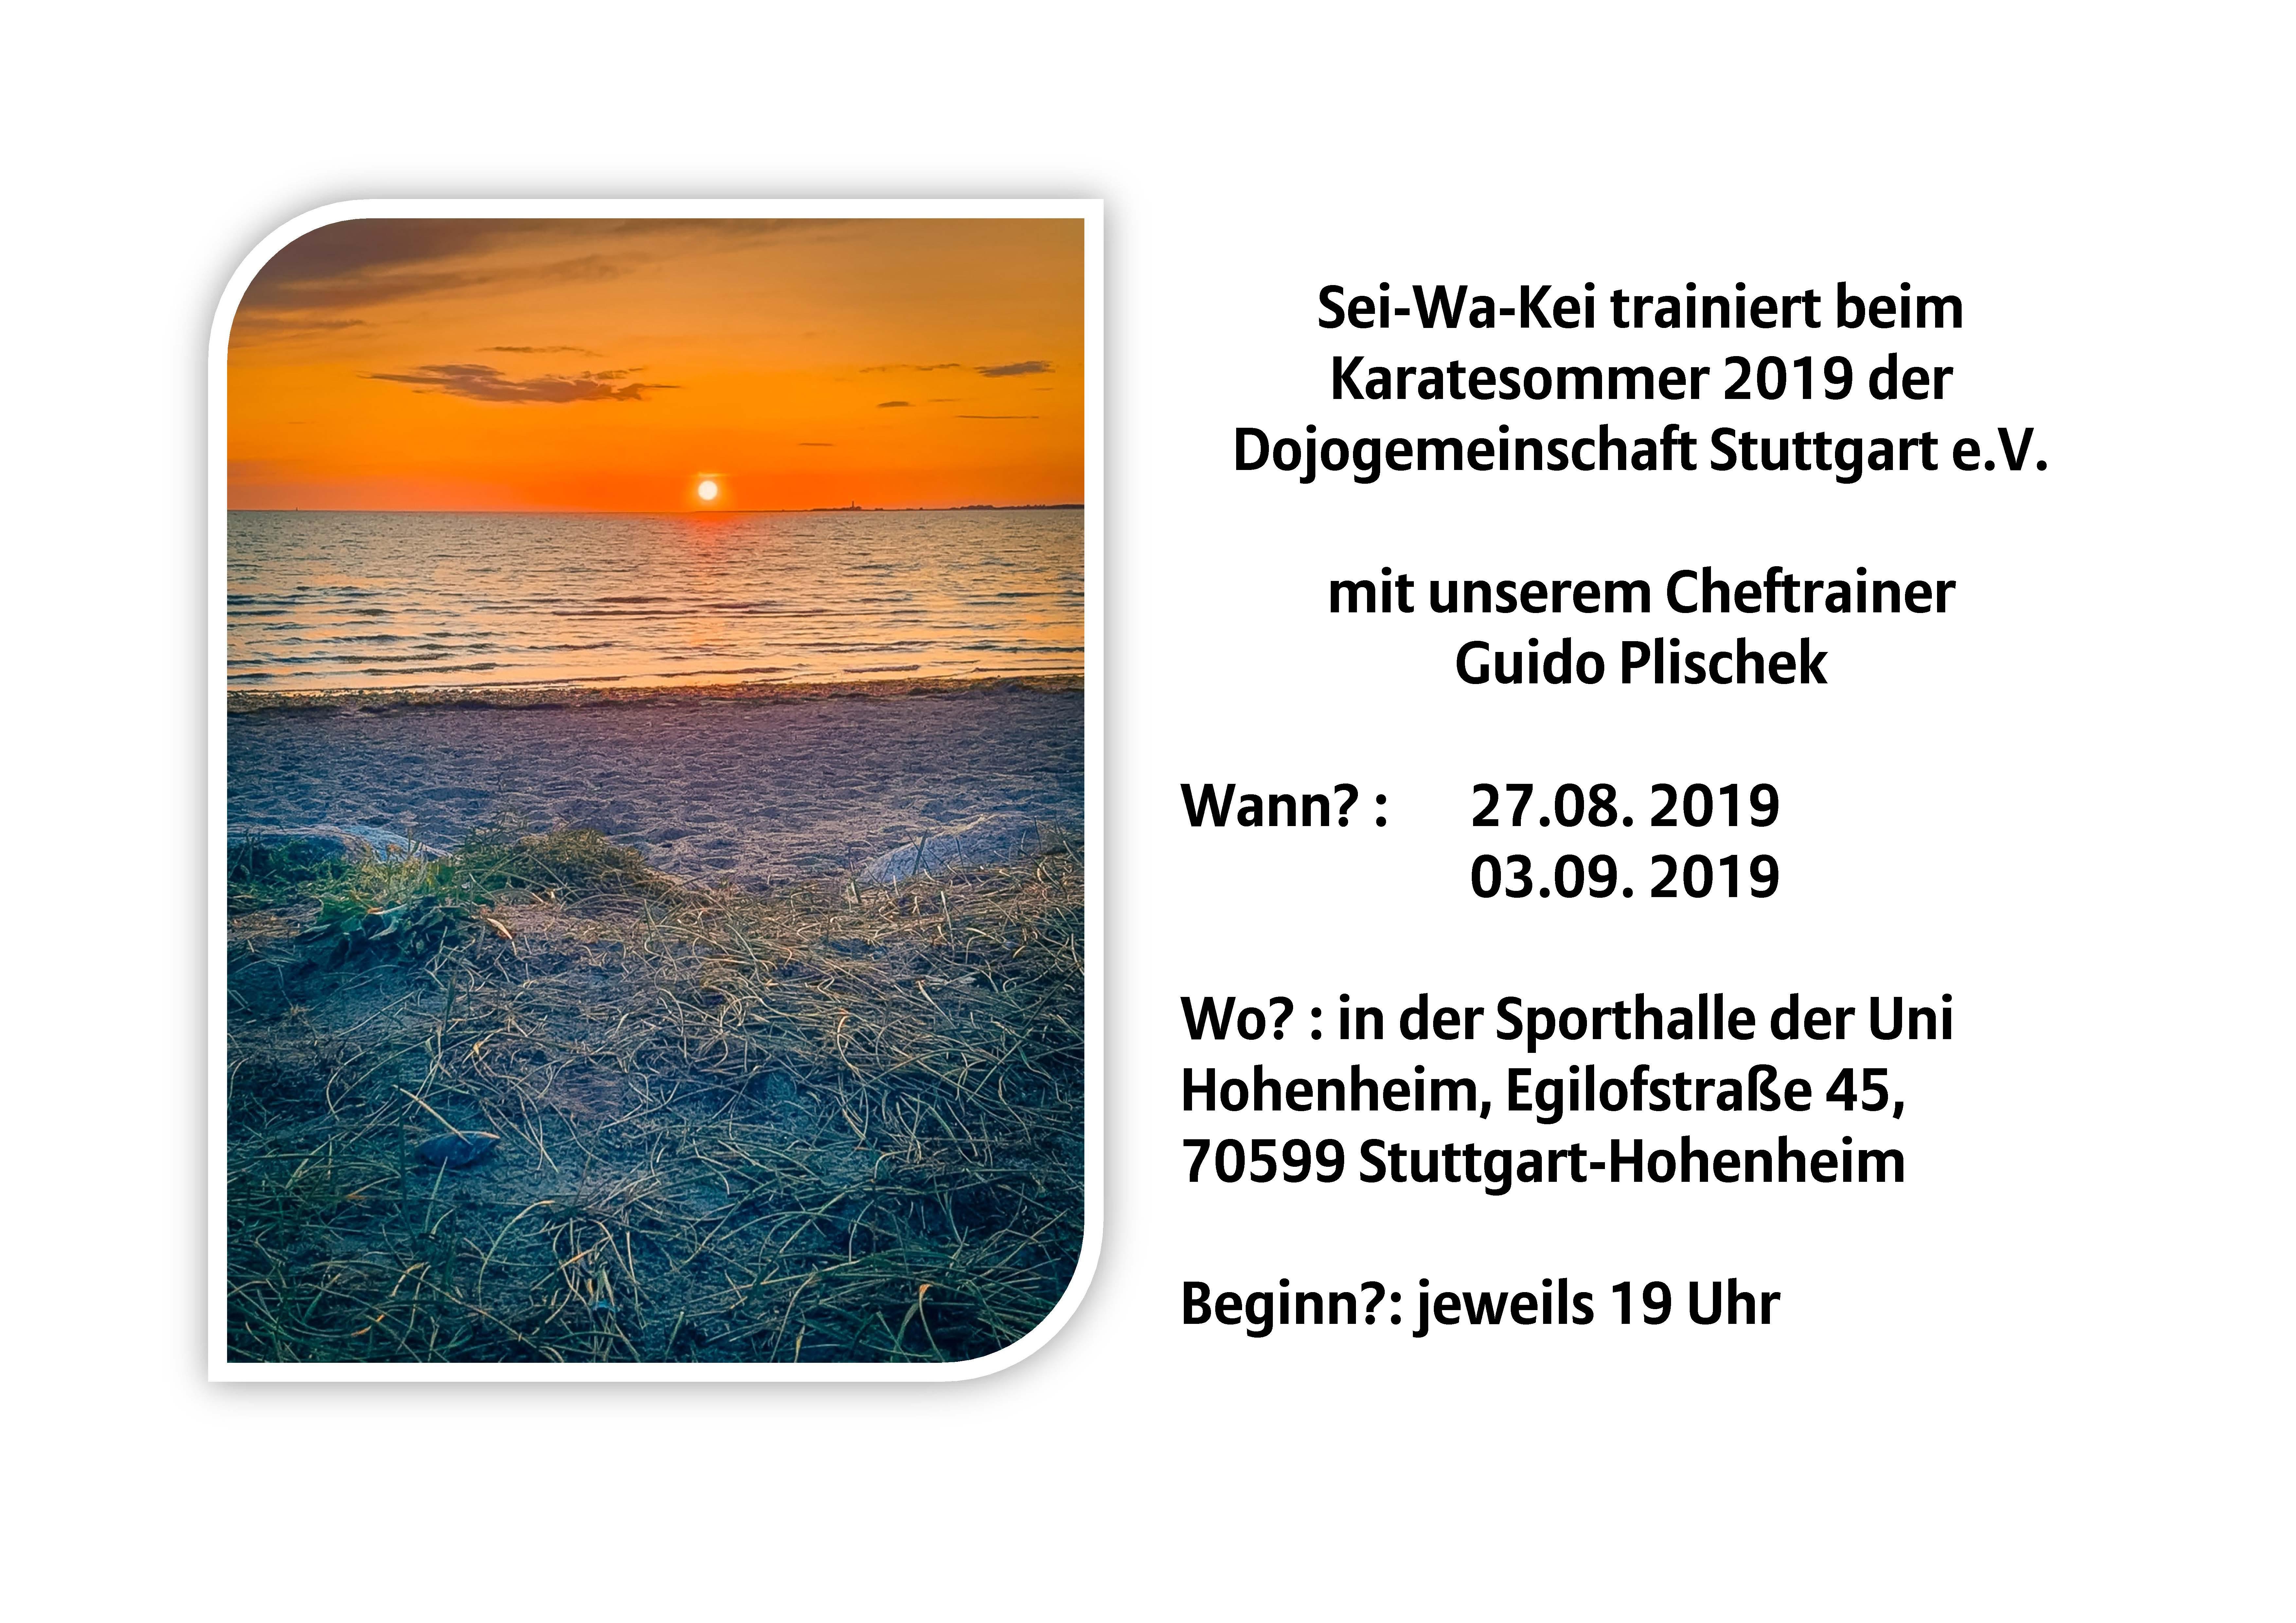 Training am 27.08. und 03.09.19